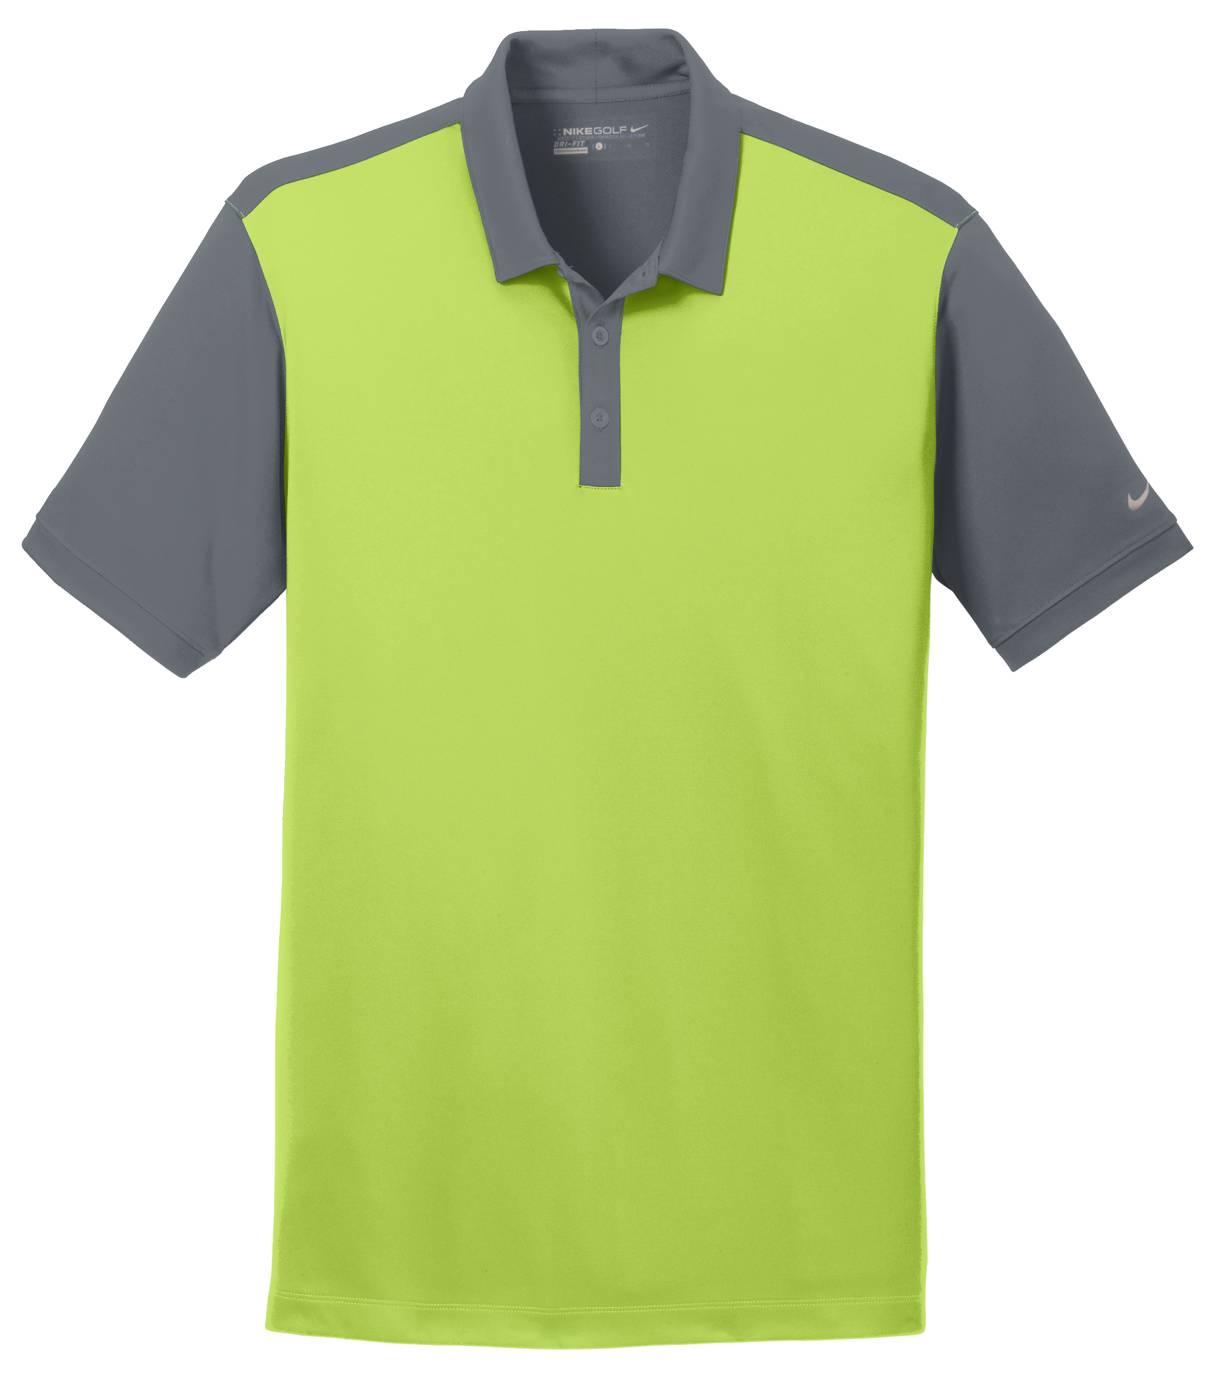 Boys Dri Fit Polo Shirts Rldm